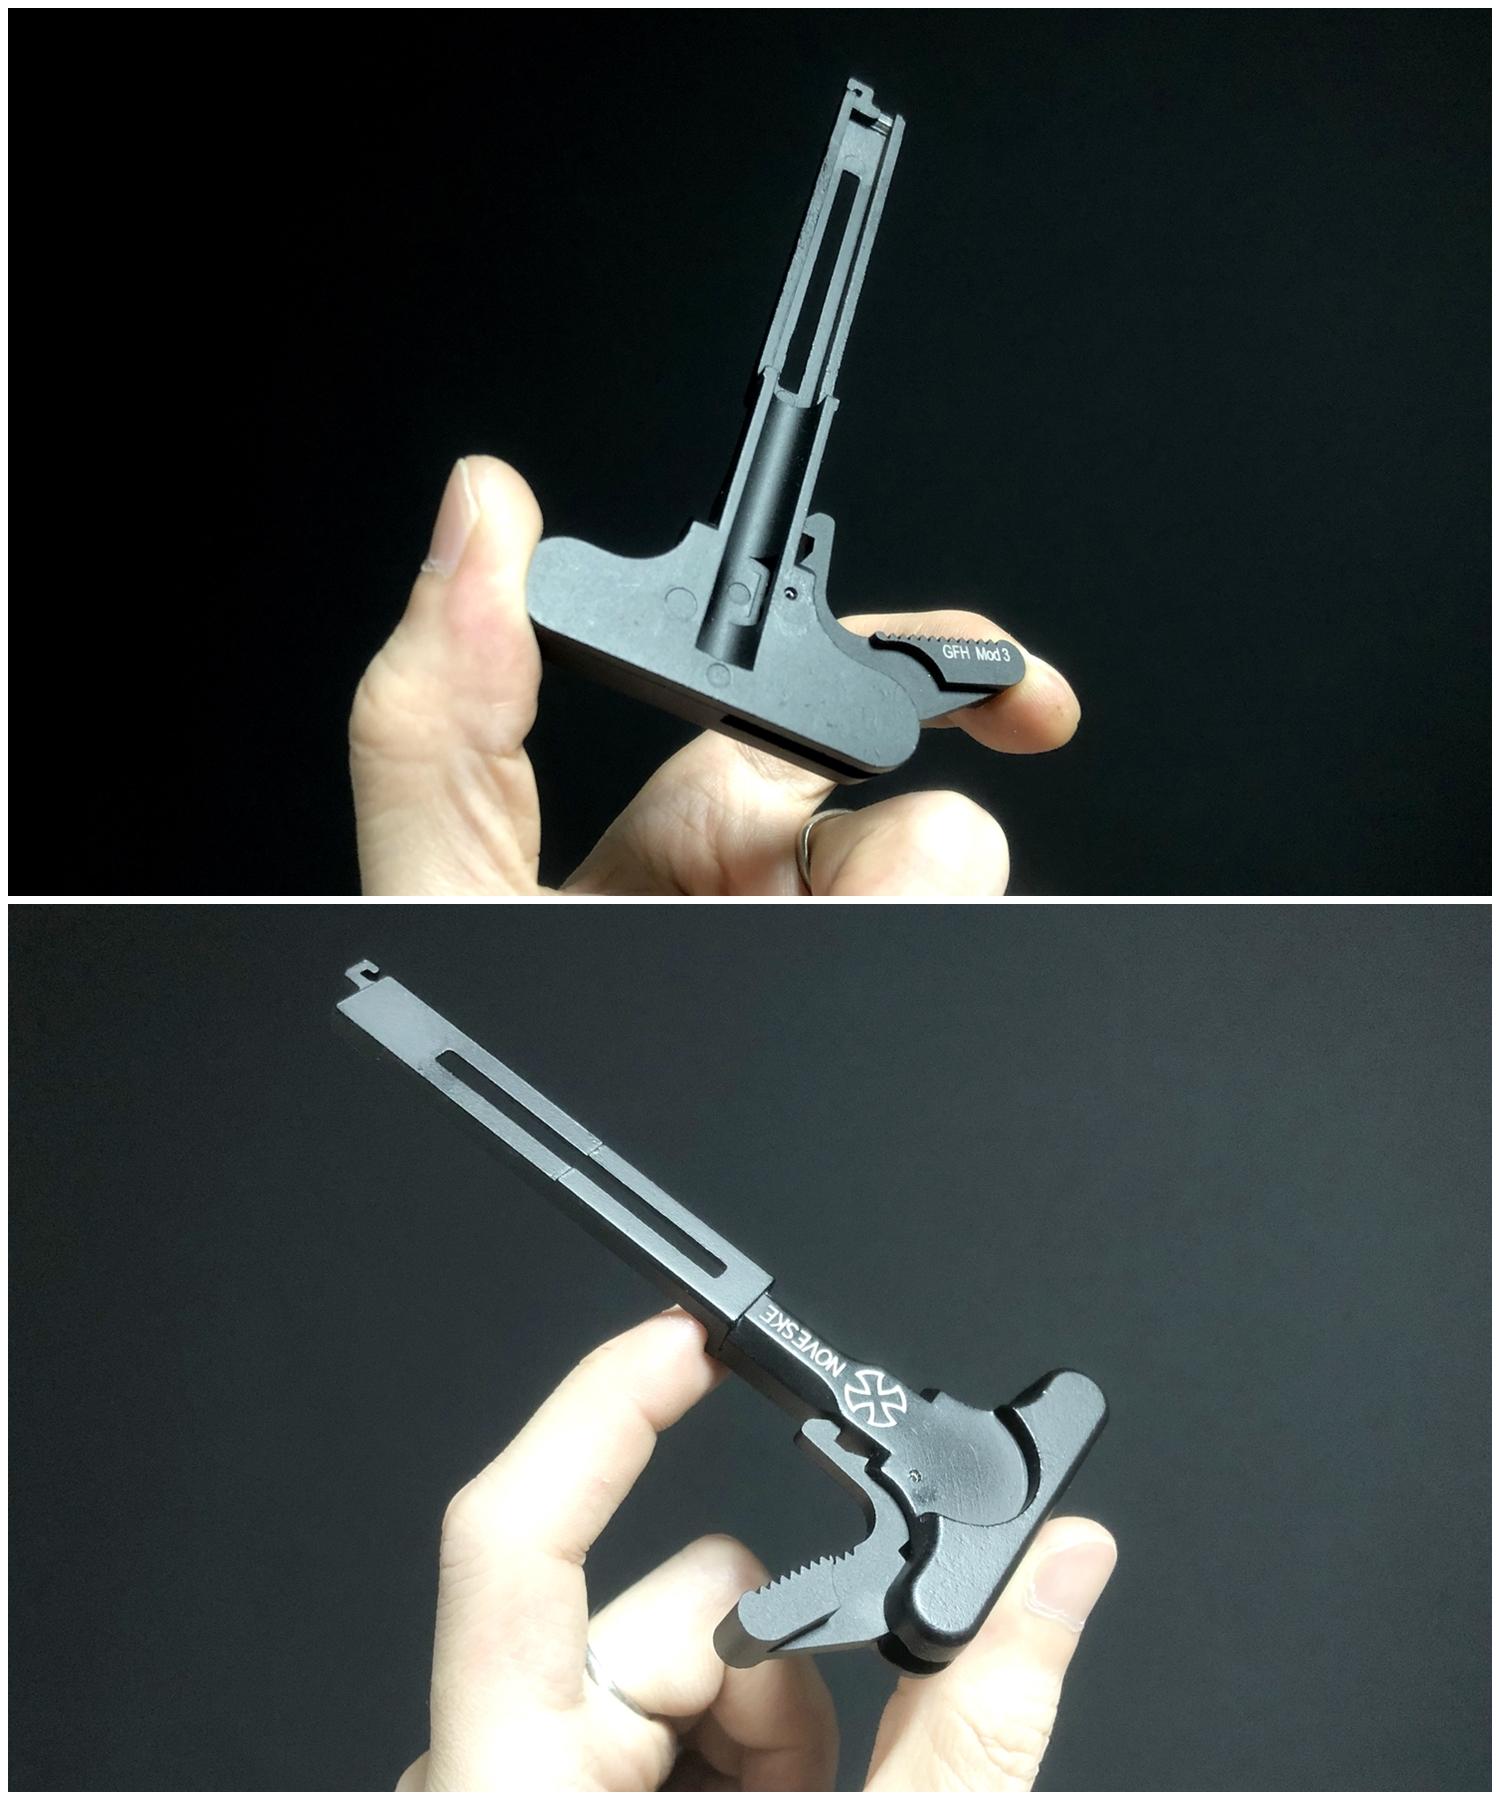 12 次世代 M4 CQB-R チャージングハンドルを考える!! BCM Mod3 チャージングラッチを加工してレプリカを作ってみる!! アンビ化計画 交換 取付 DIY レビュー!!